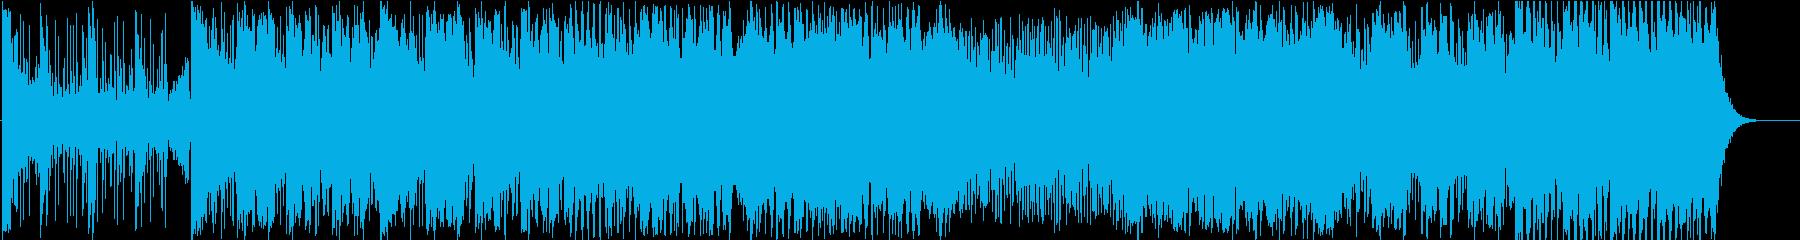 緊張感とスピード感あふれる戦闘シーン楽曲の再生済みの波形